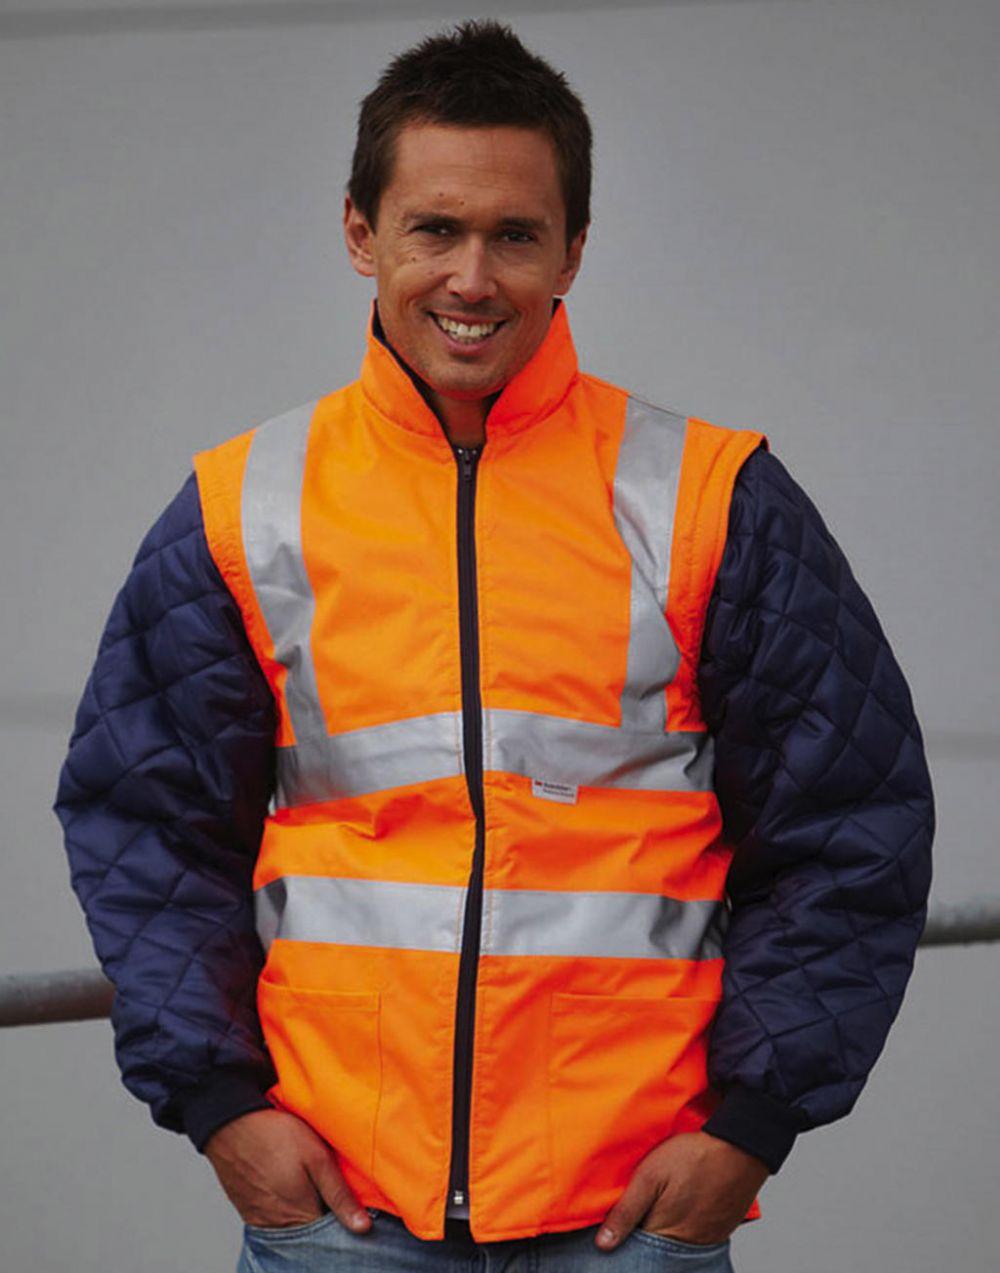 Chaquetas de trabajo yoko chaqueta acolchada con mangas extraíbles fluo vista 1